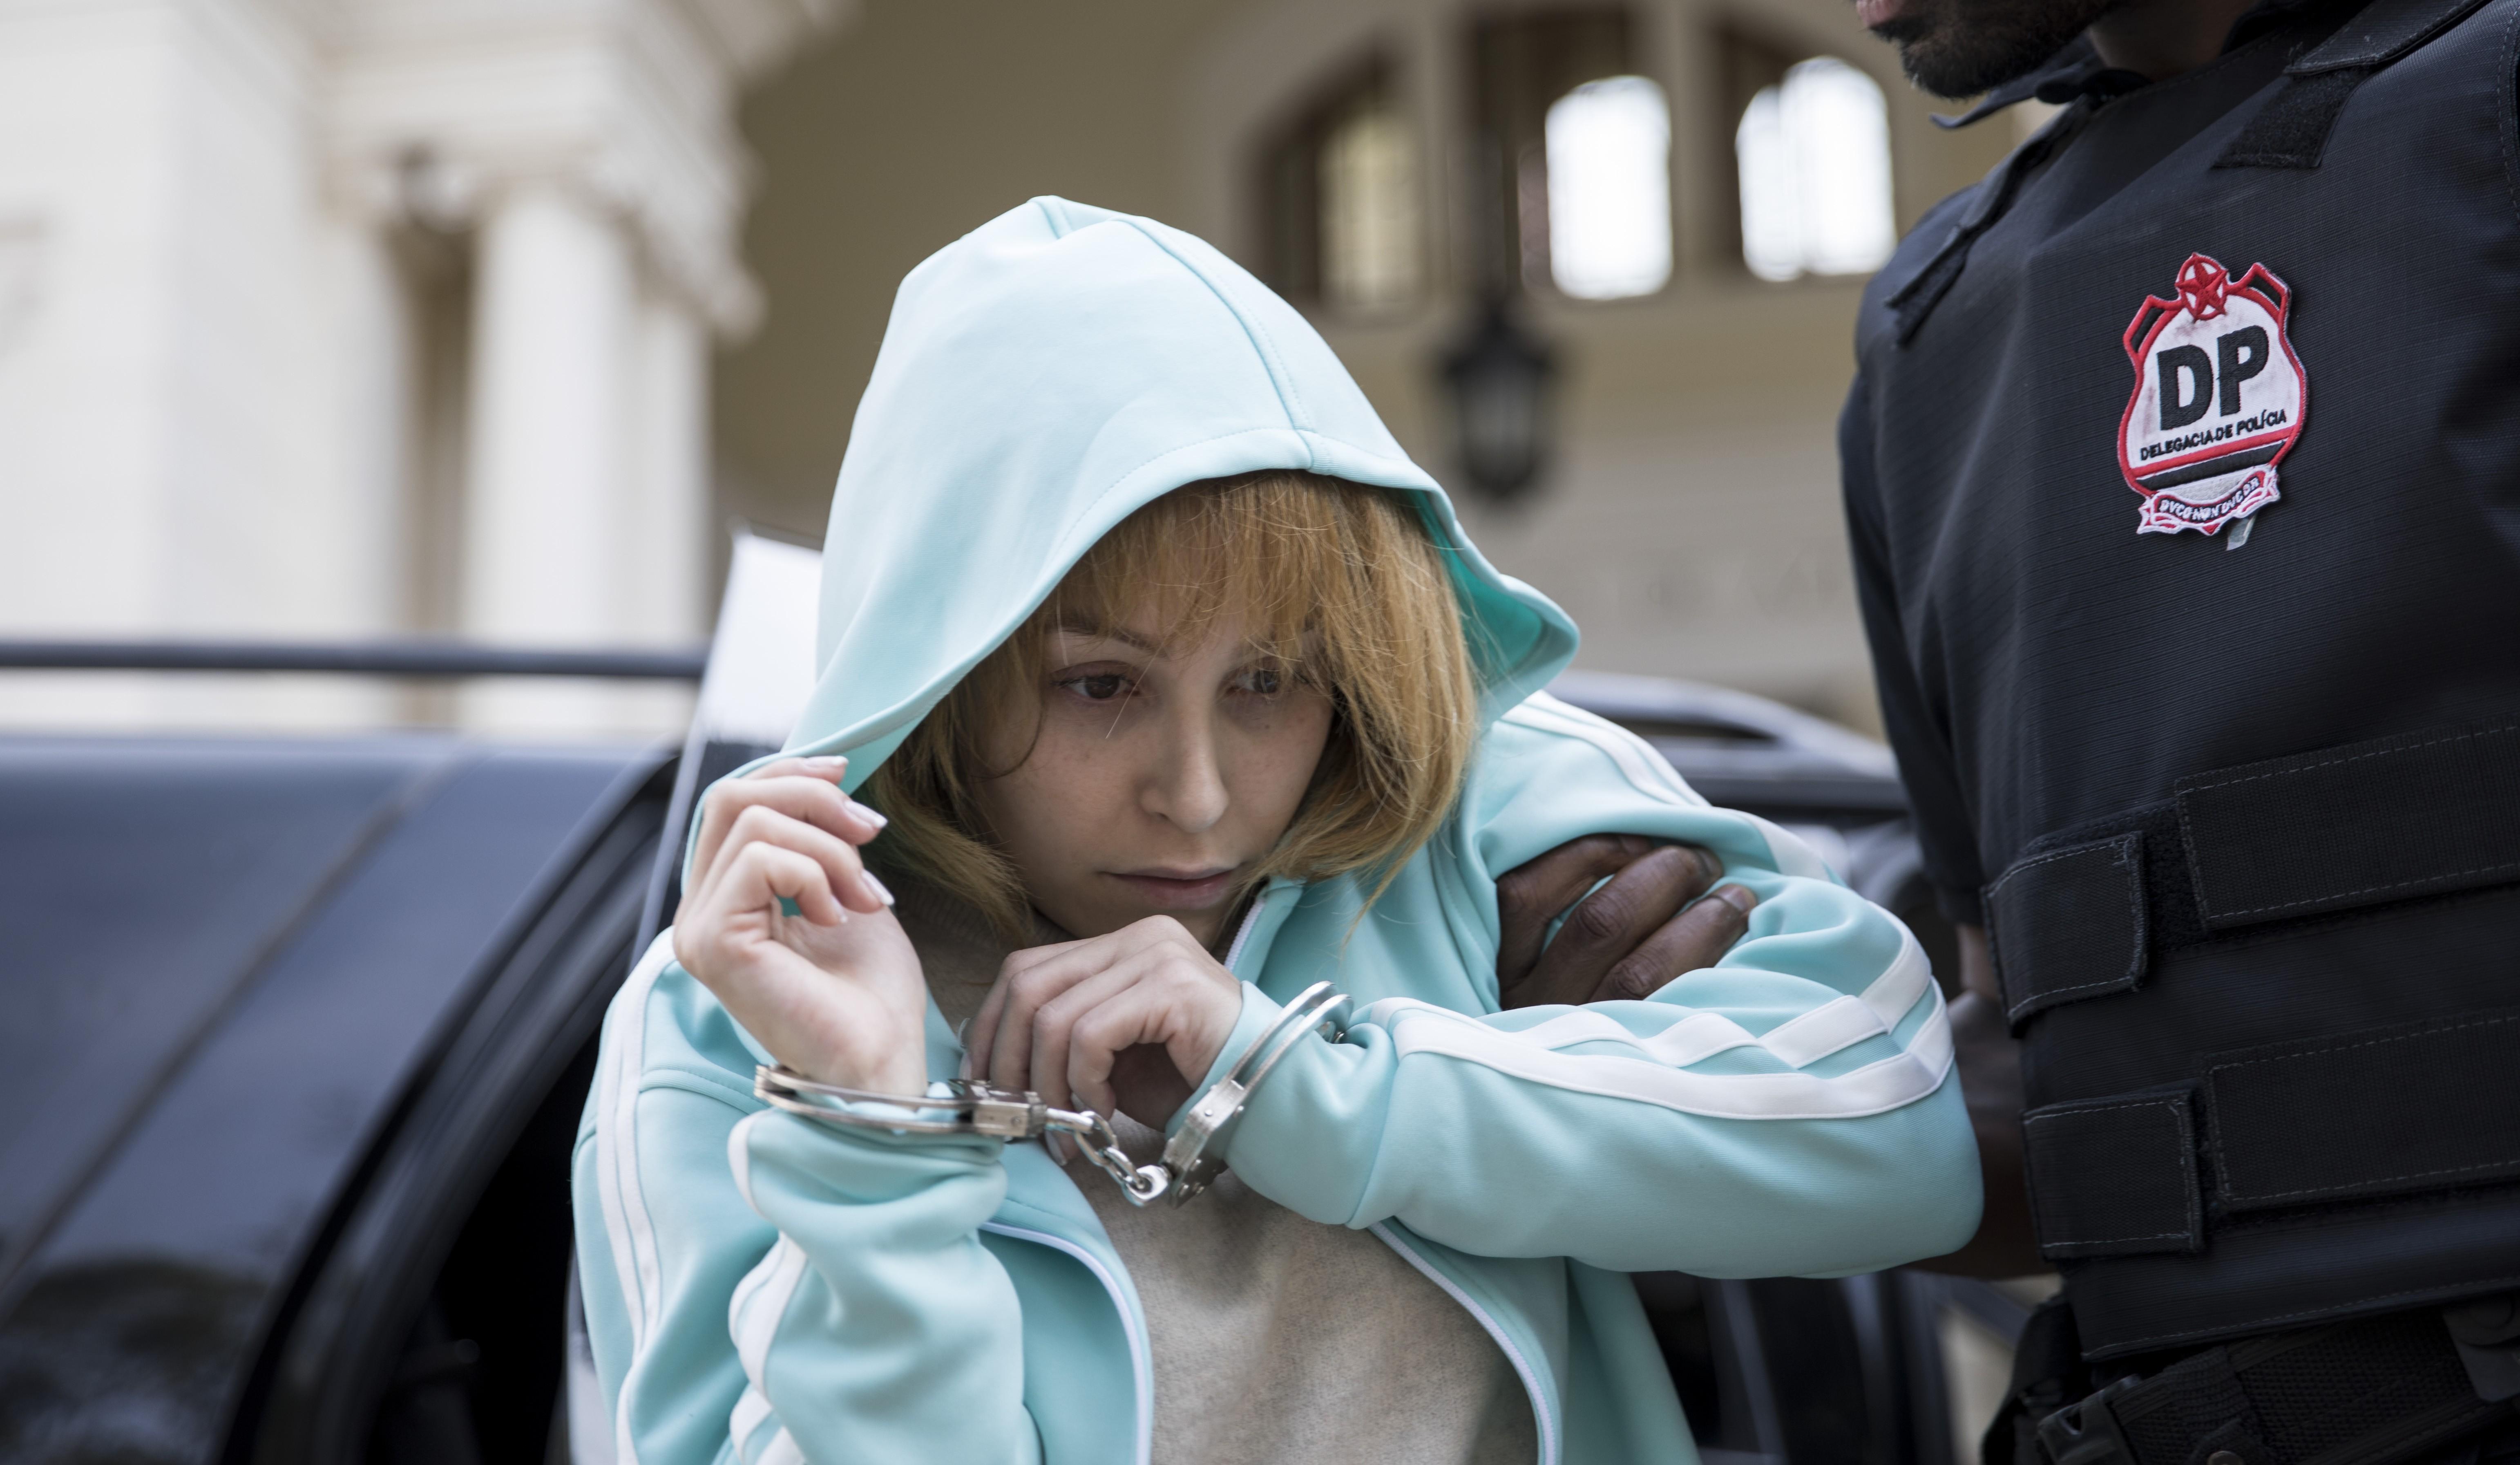 'A menina que matou os pais': Filmes sobre Suzane von Richthofen narram duas versões maçantes da mesma história; g1 já viu